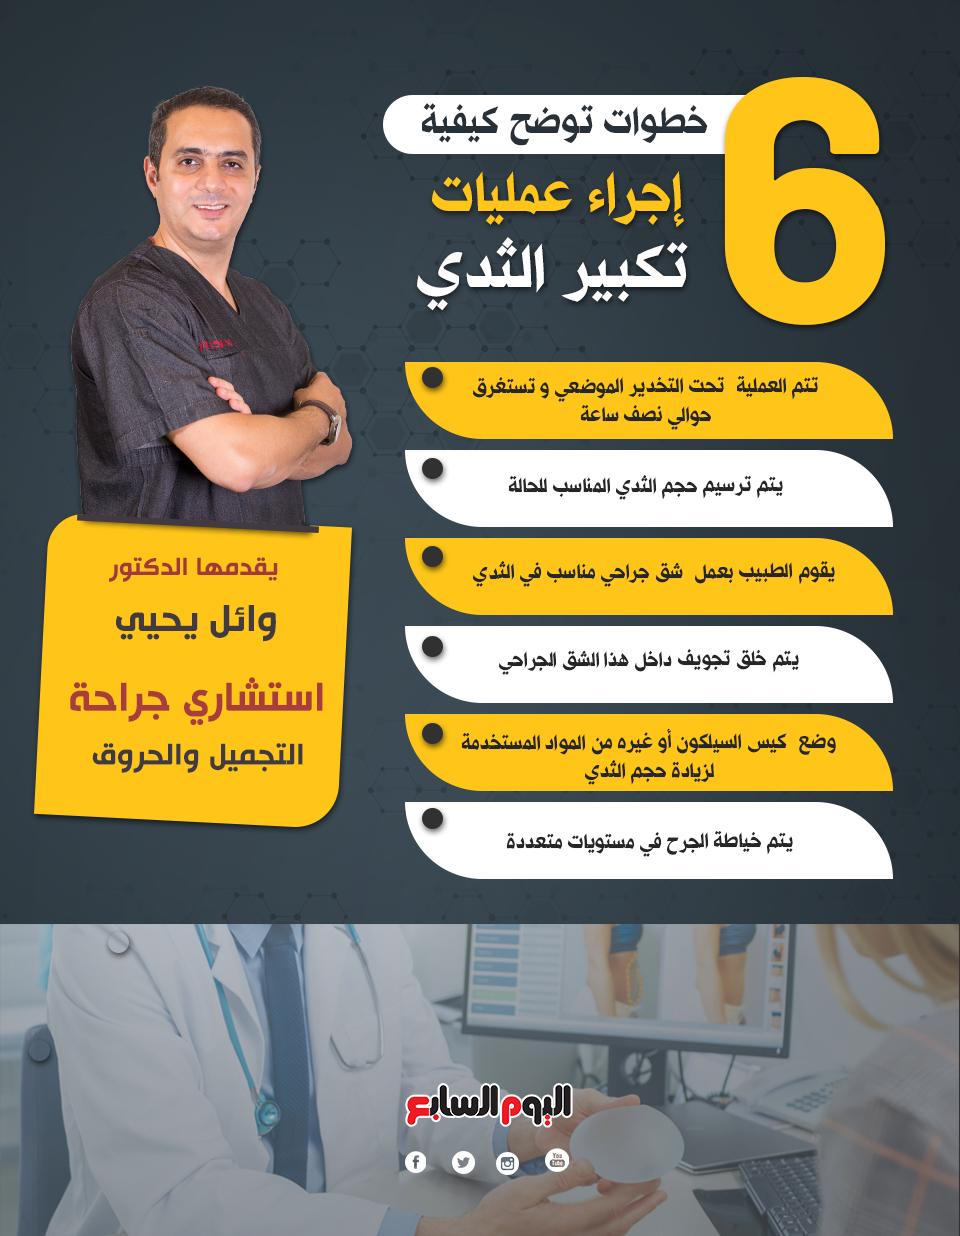 6  خطوات توضح كيفية إجراء عمليات تكبير الثدي